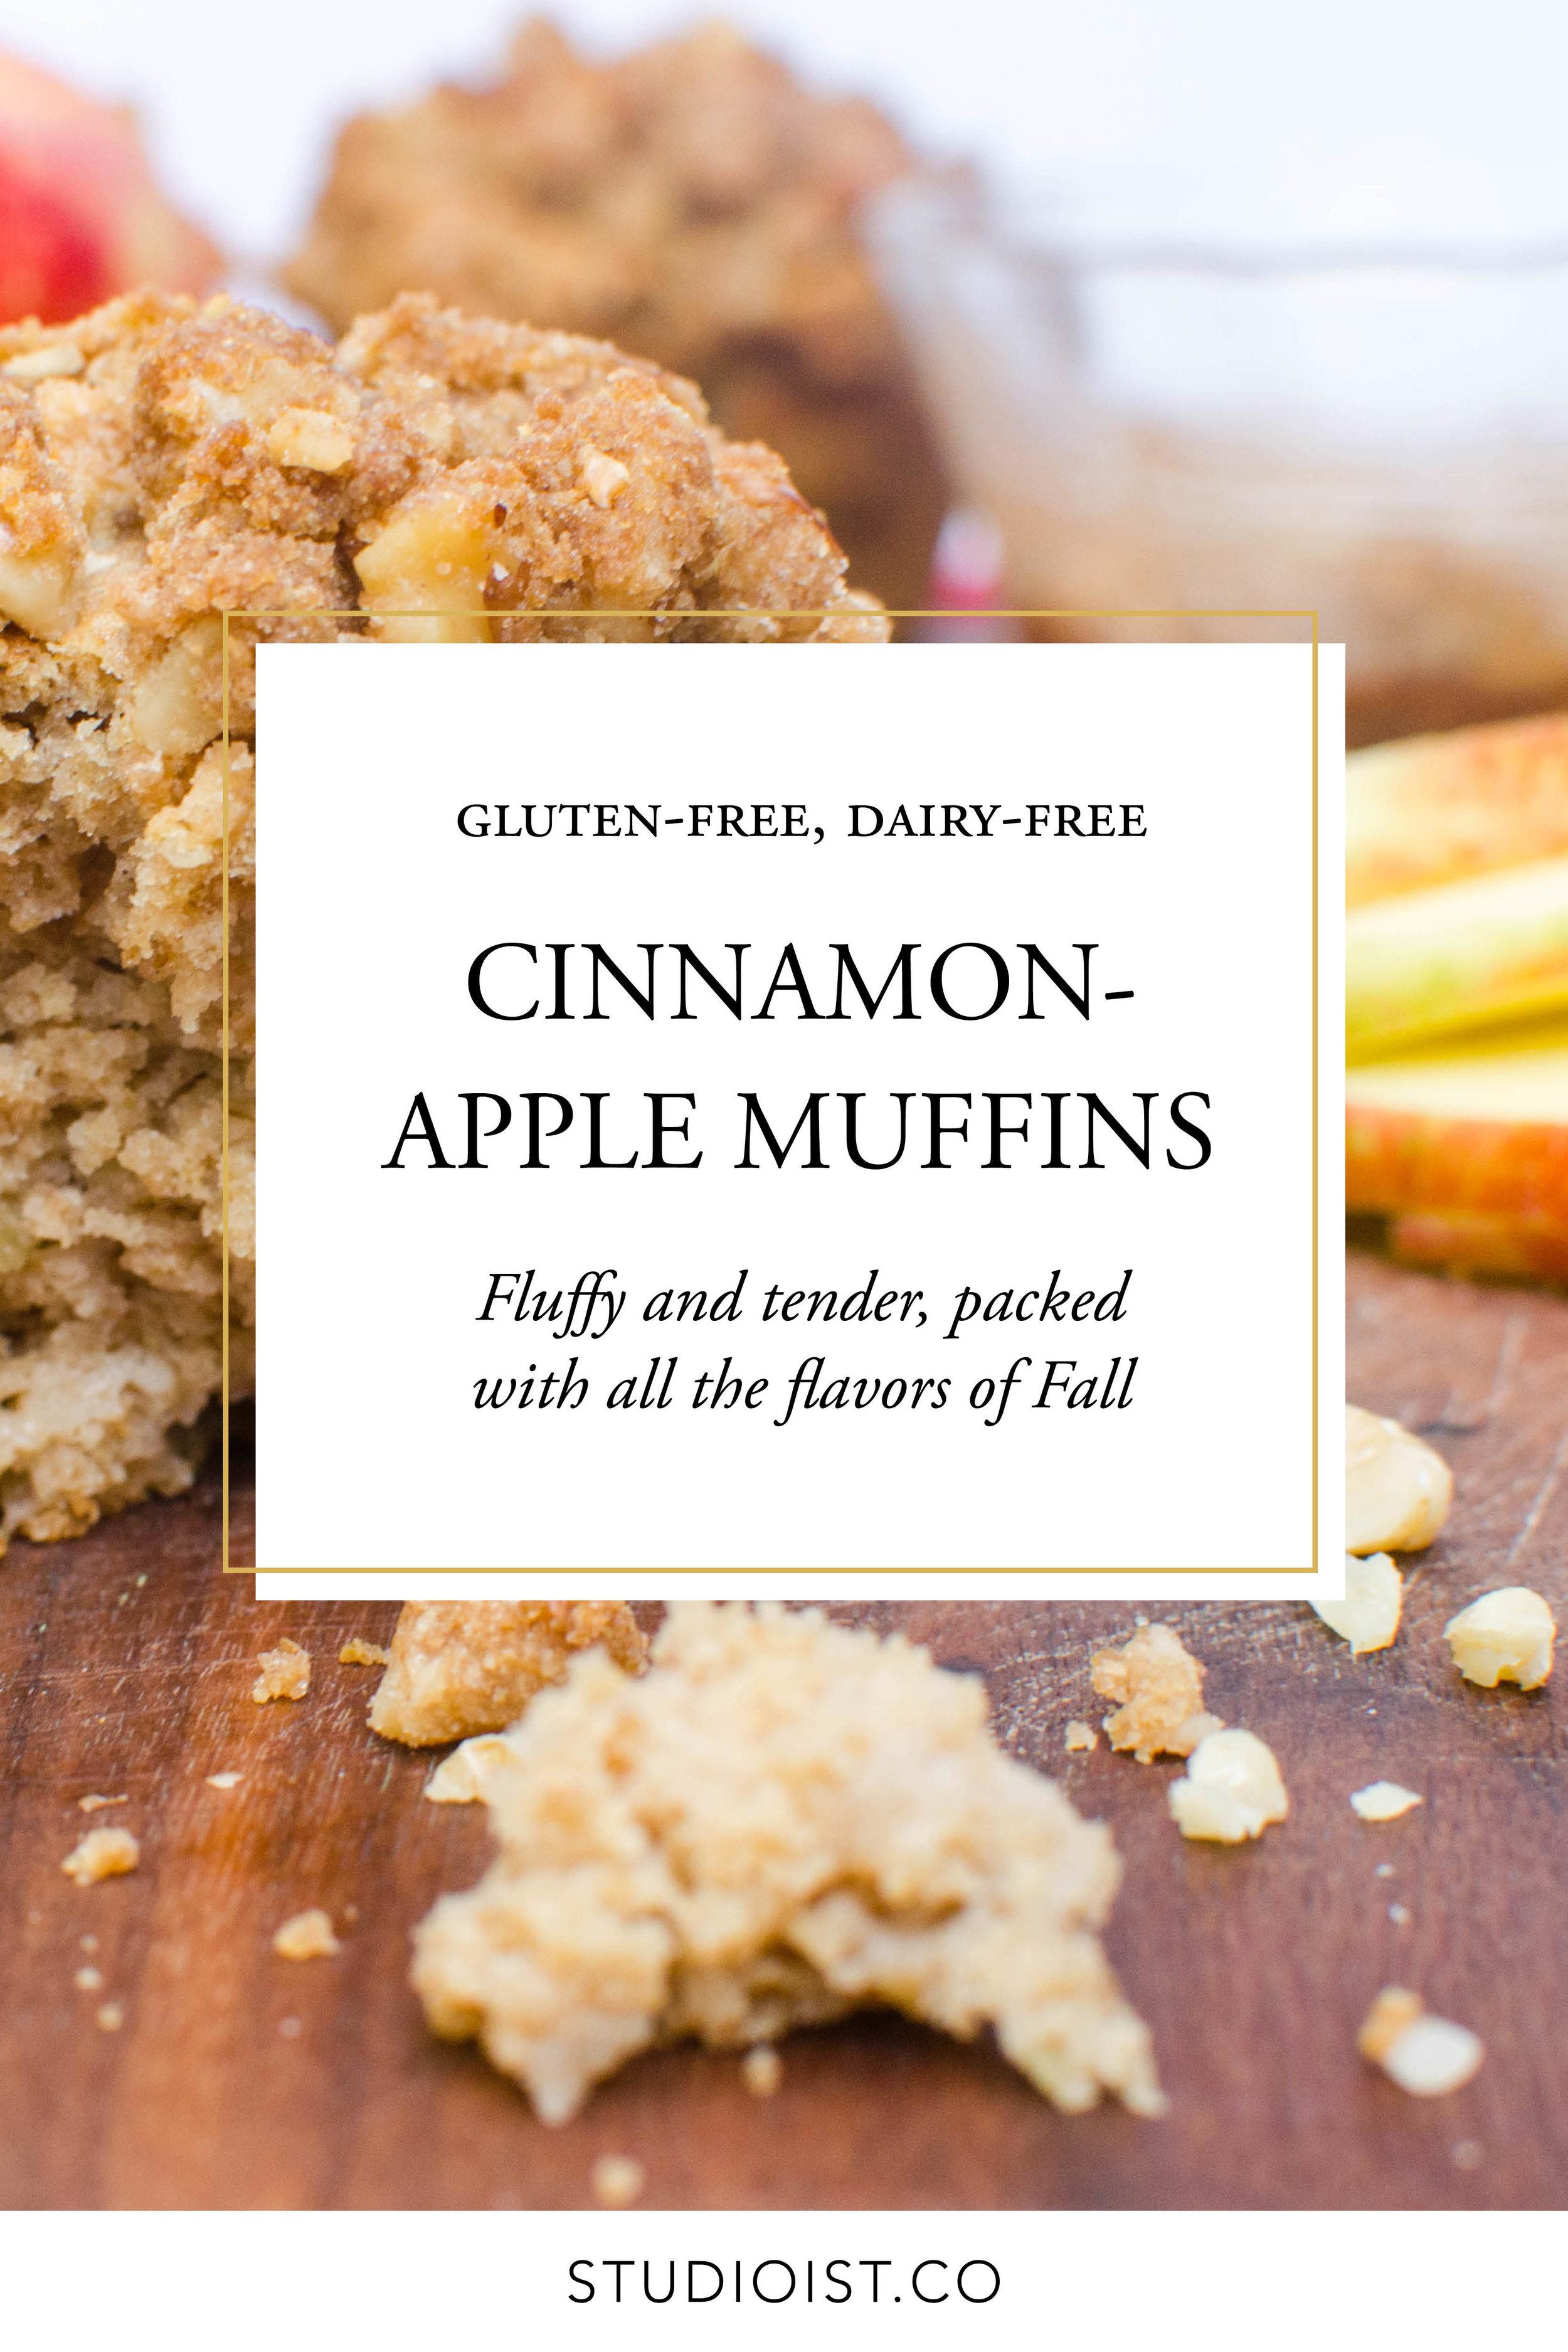 Studioist_Pinterest Design_Cinnamon Apple Muffins.jpg